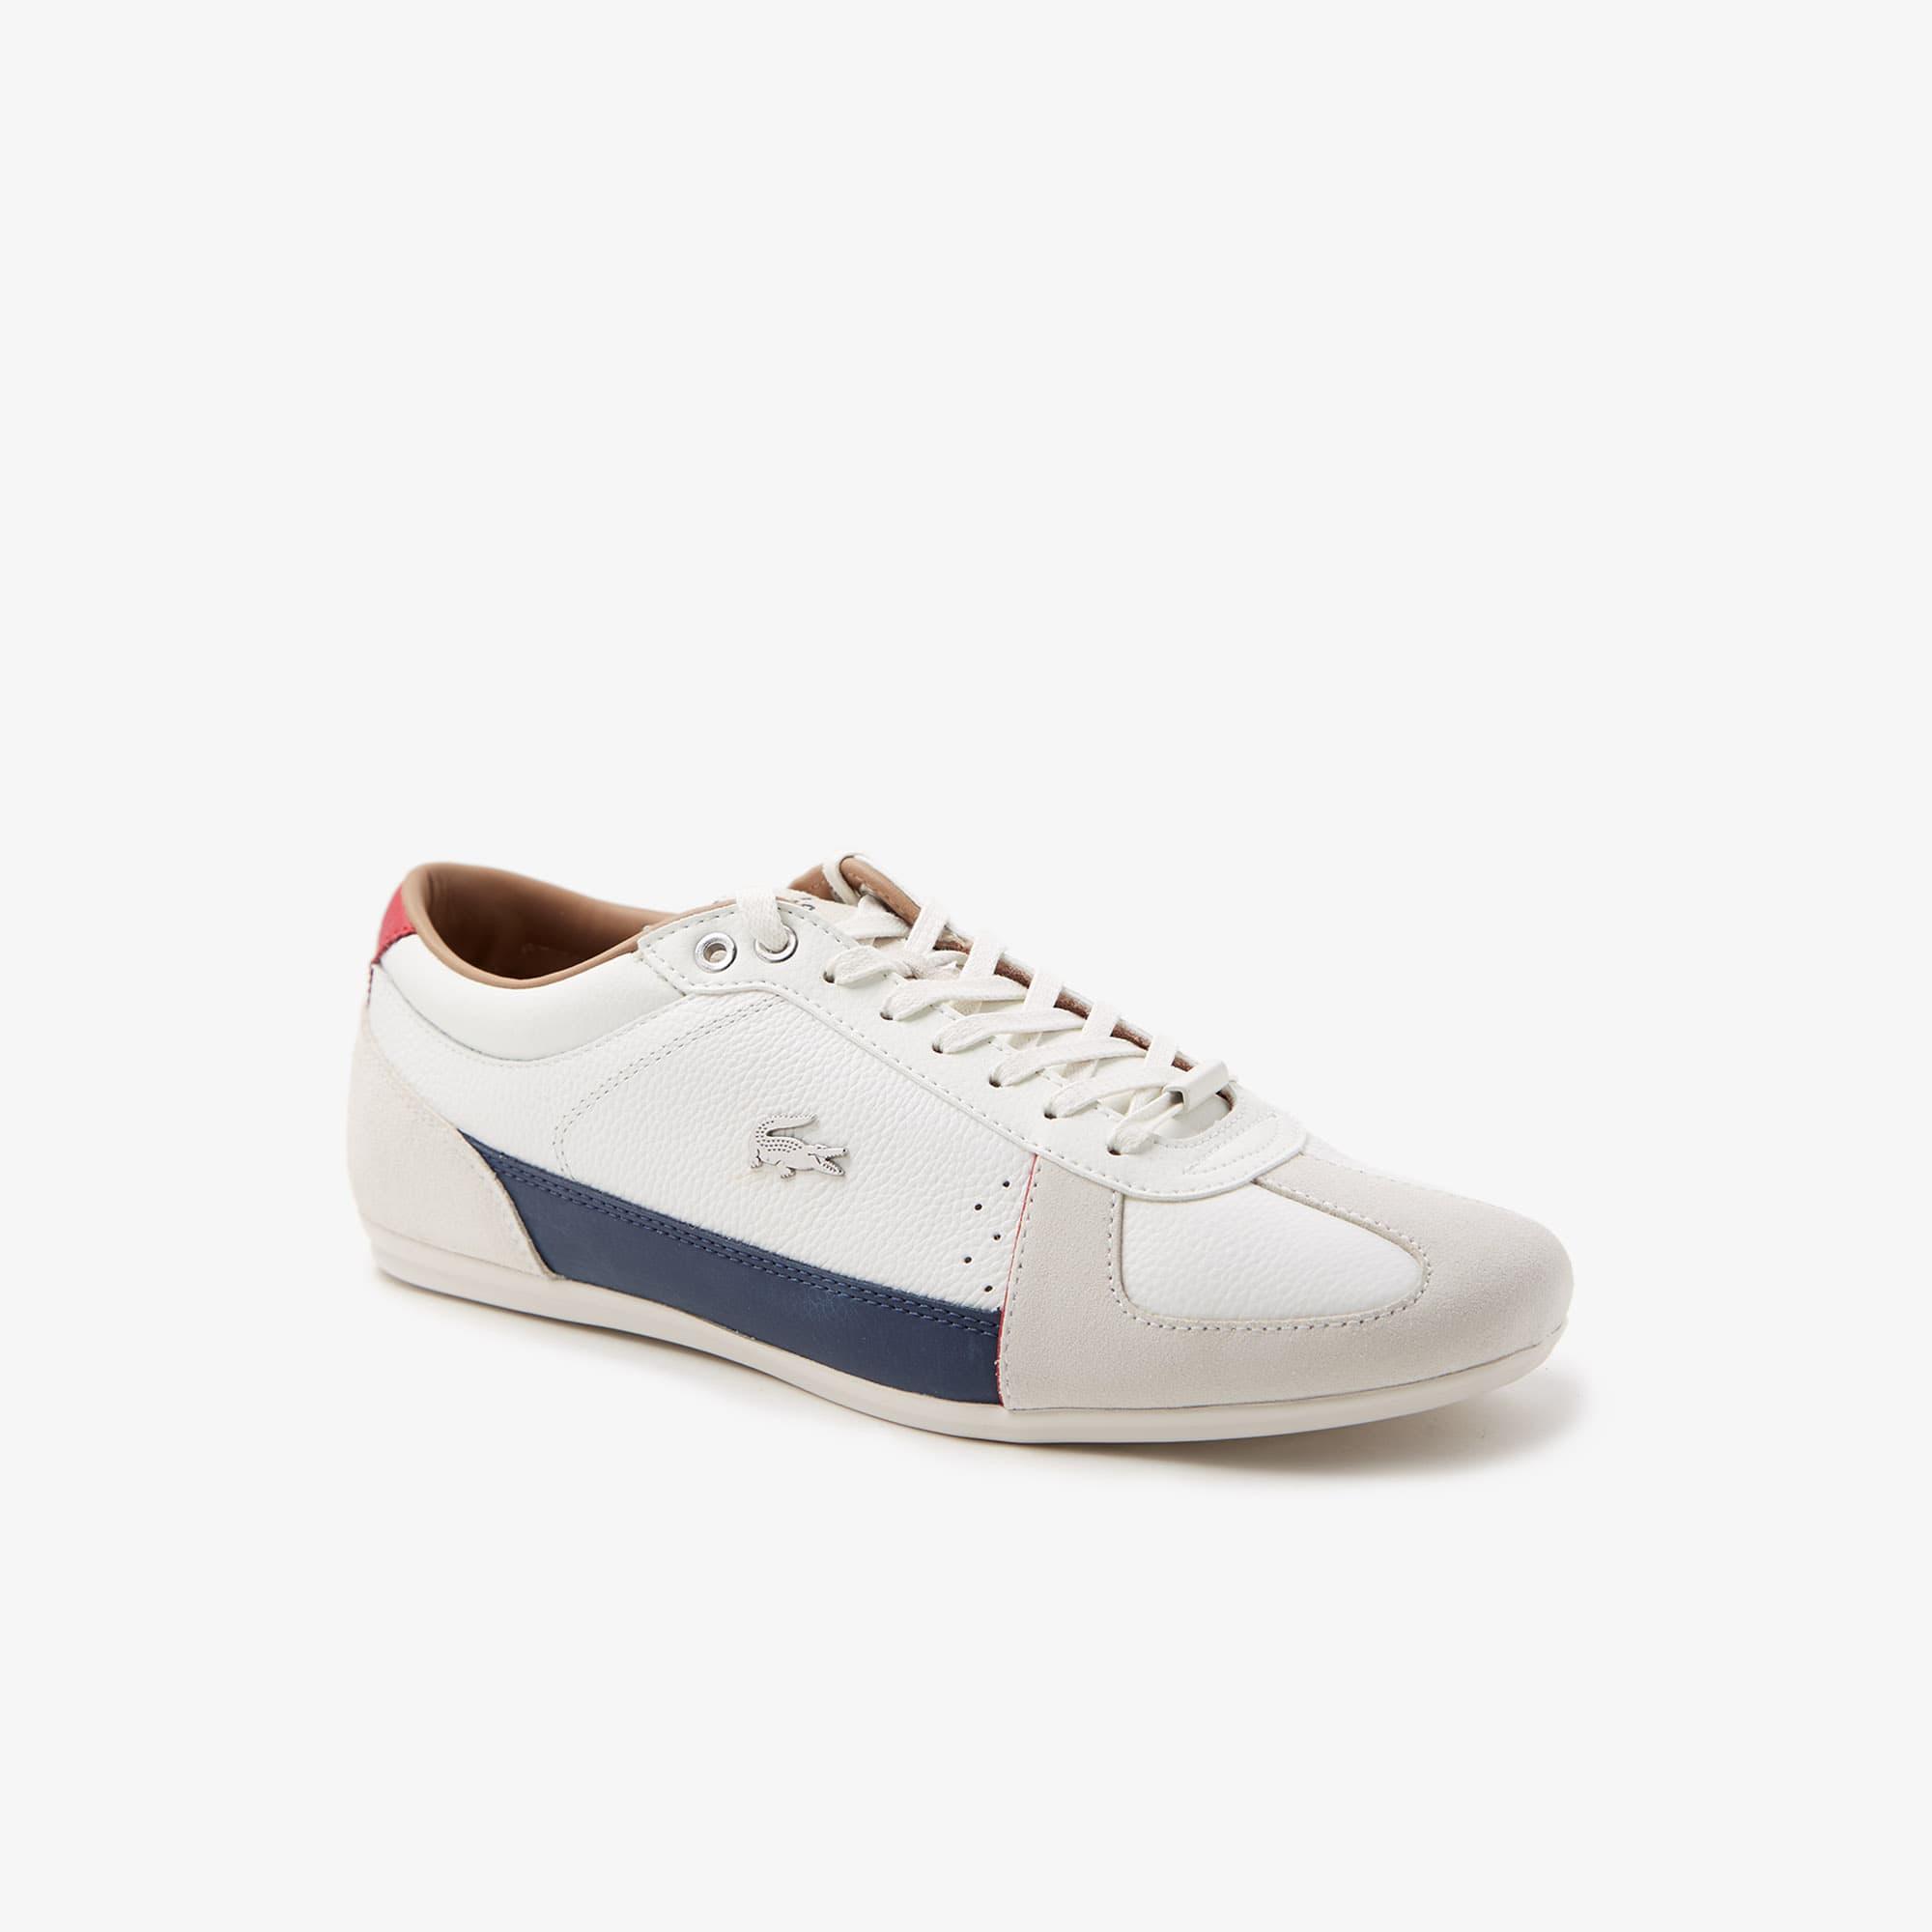 라코스테 에바라 스니커즈 남성용 Lacoste Mens Evara Leather and Suede Sneakers